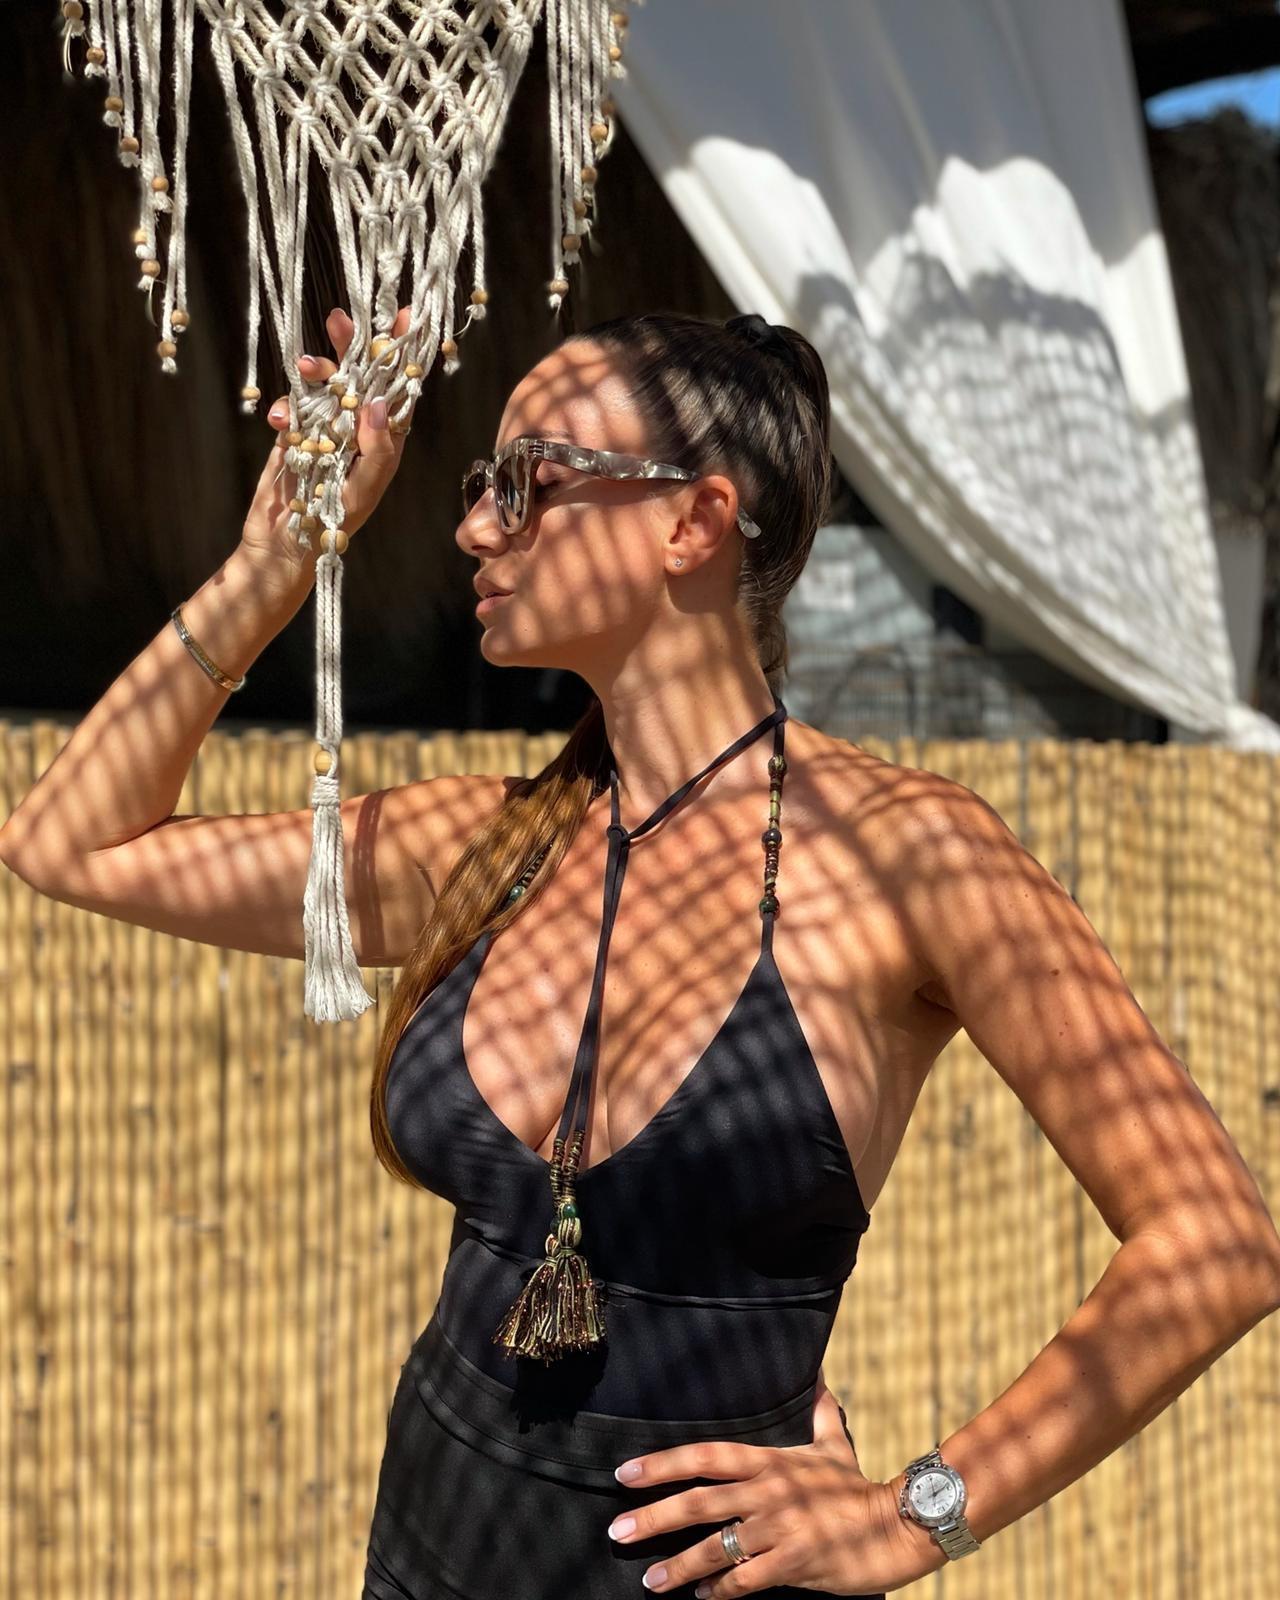 La showgirl, grande tifosa del Milan, ha girato l&#39;Italia&nbsp;senza mai dimenticare i suoi... costumi.<br /><br />